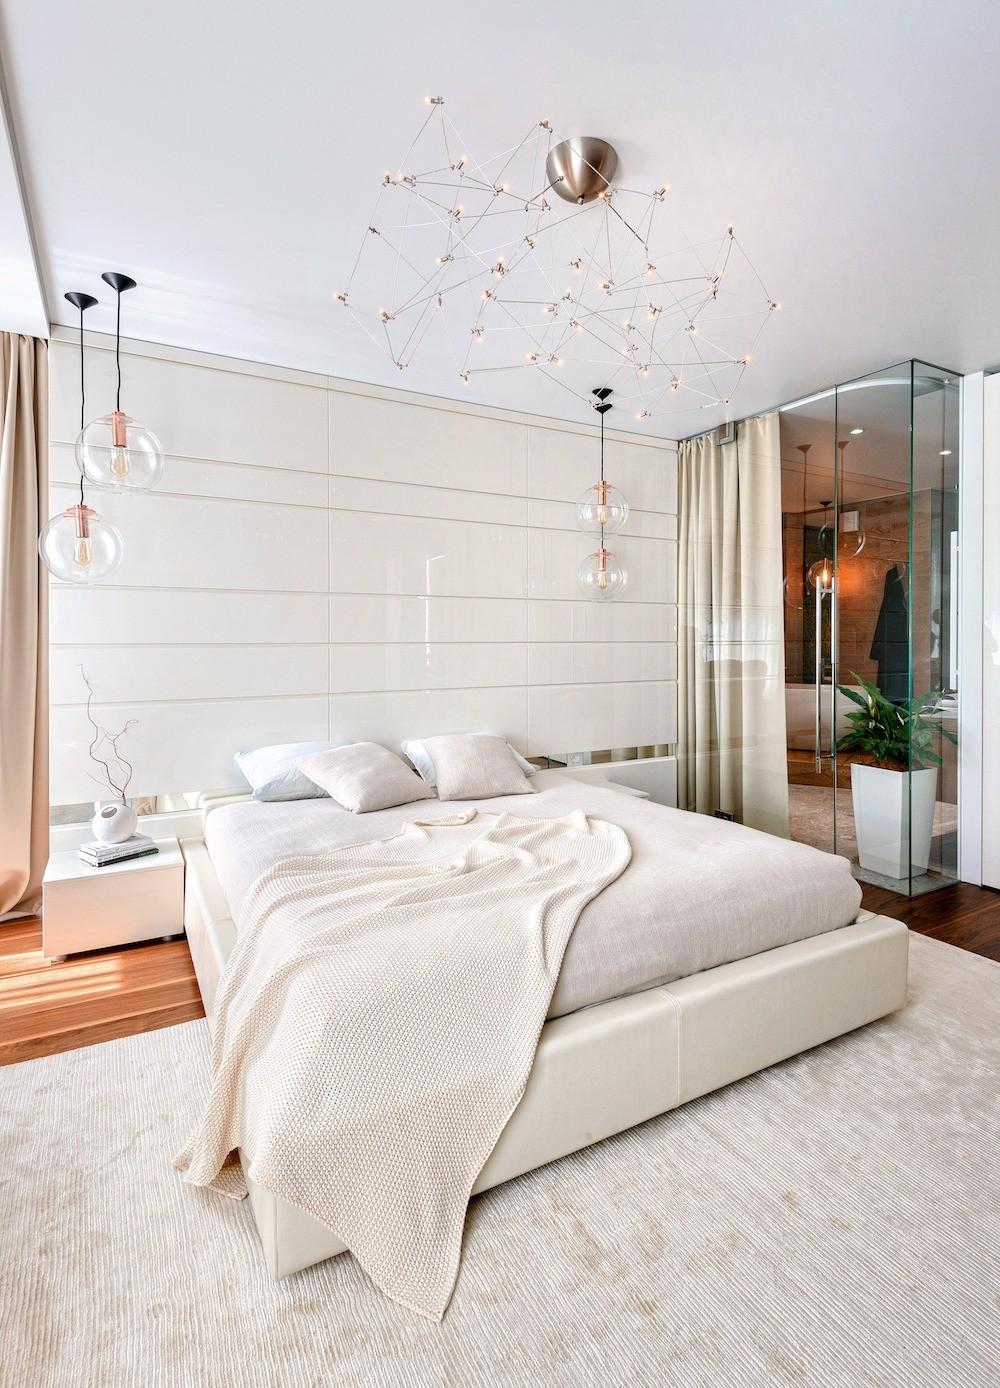 Прозрачный угол ванной комнаты можно полностью скрыть за занавесями, как и двери в спальню. Воздушные светильники соответствуют зоне сна